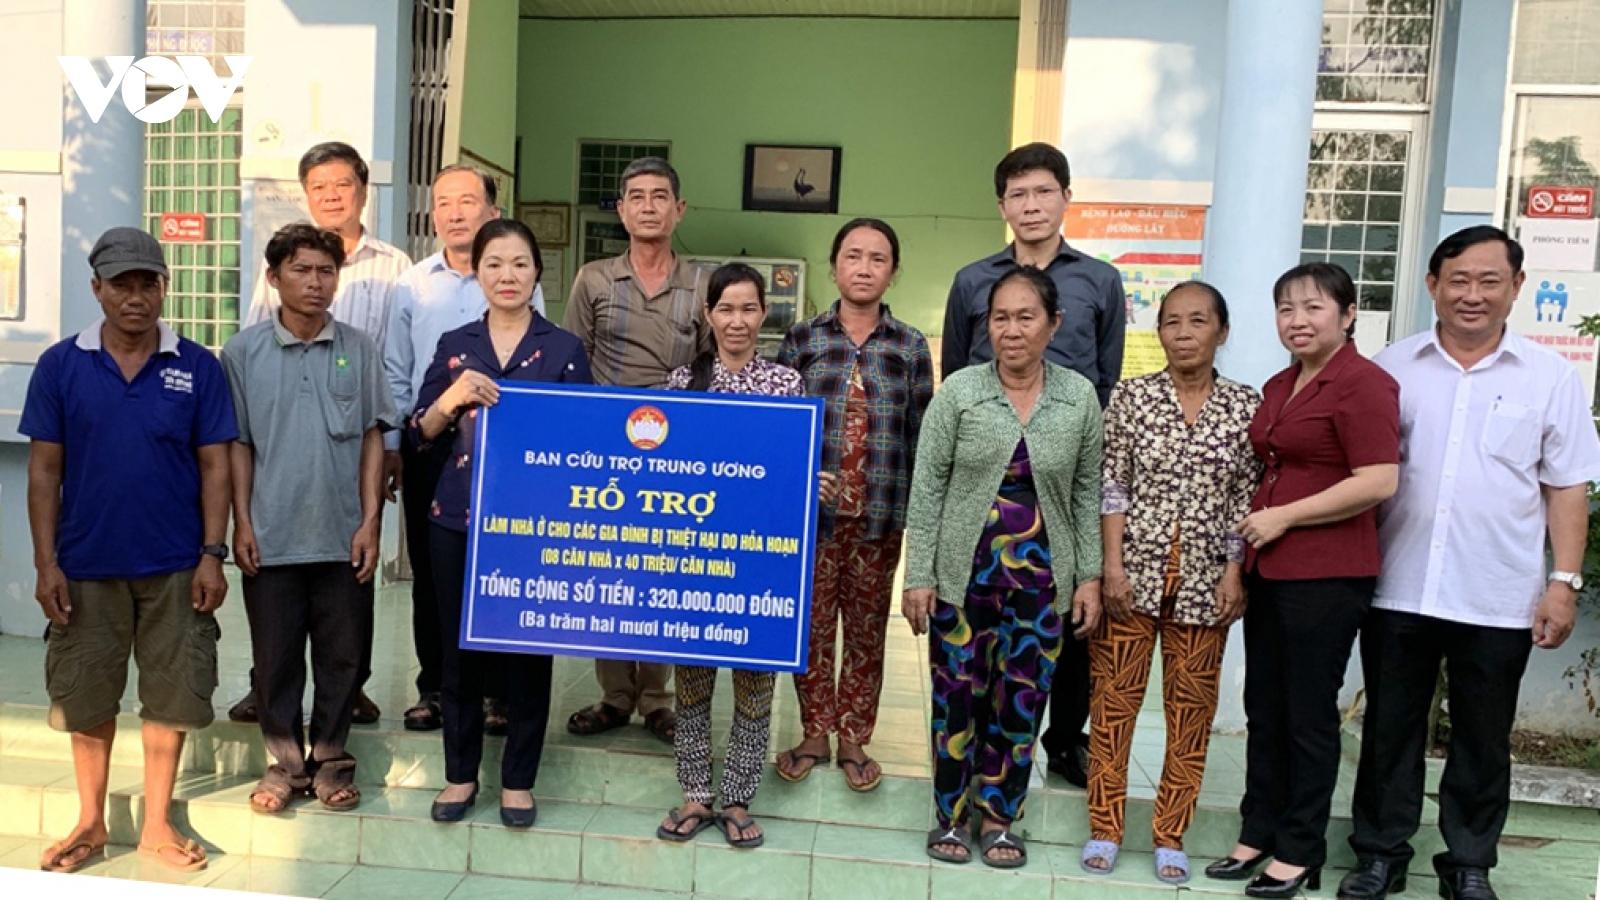 Hỗ trợ xây nhà mới cho 8 hộ dân có nhà bị cháy ở Châu Đốc, An Giang